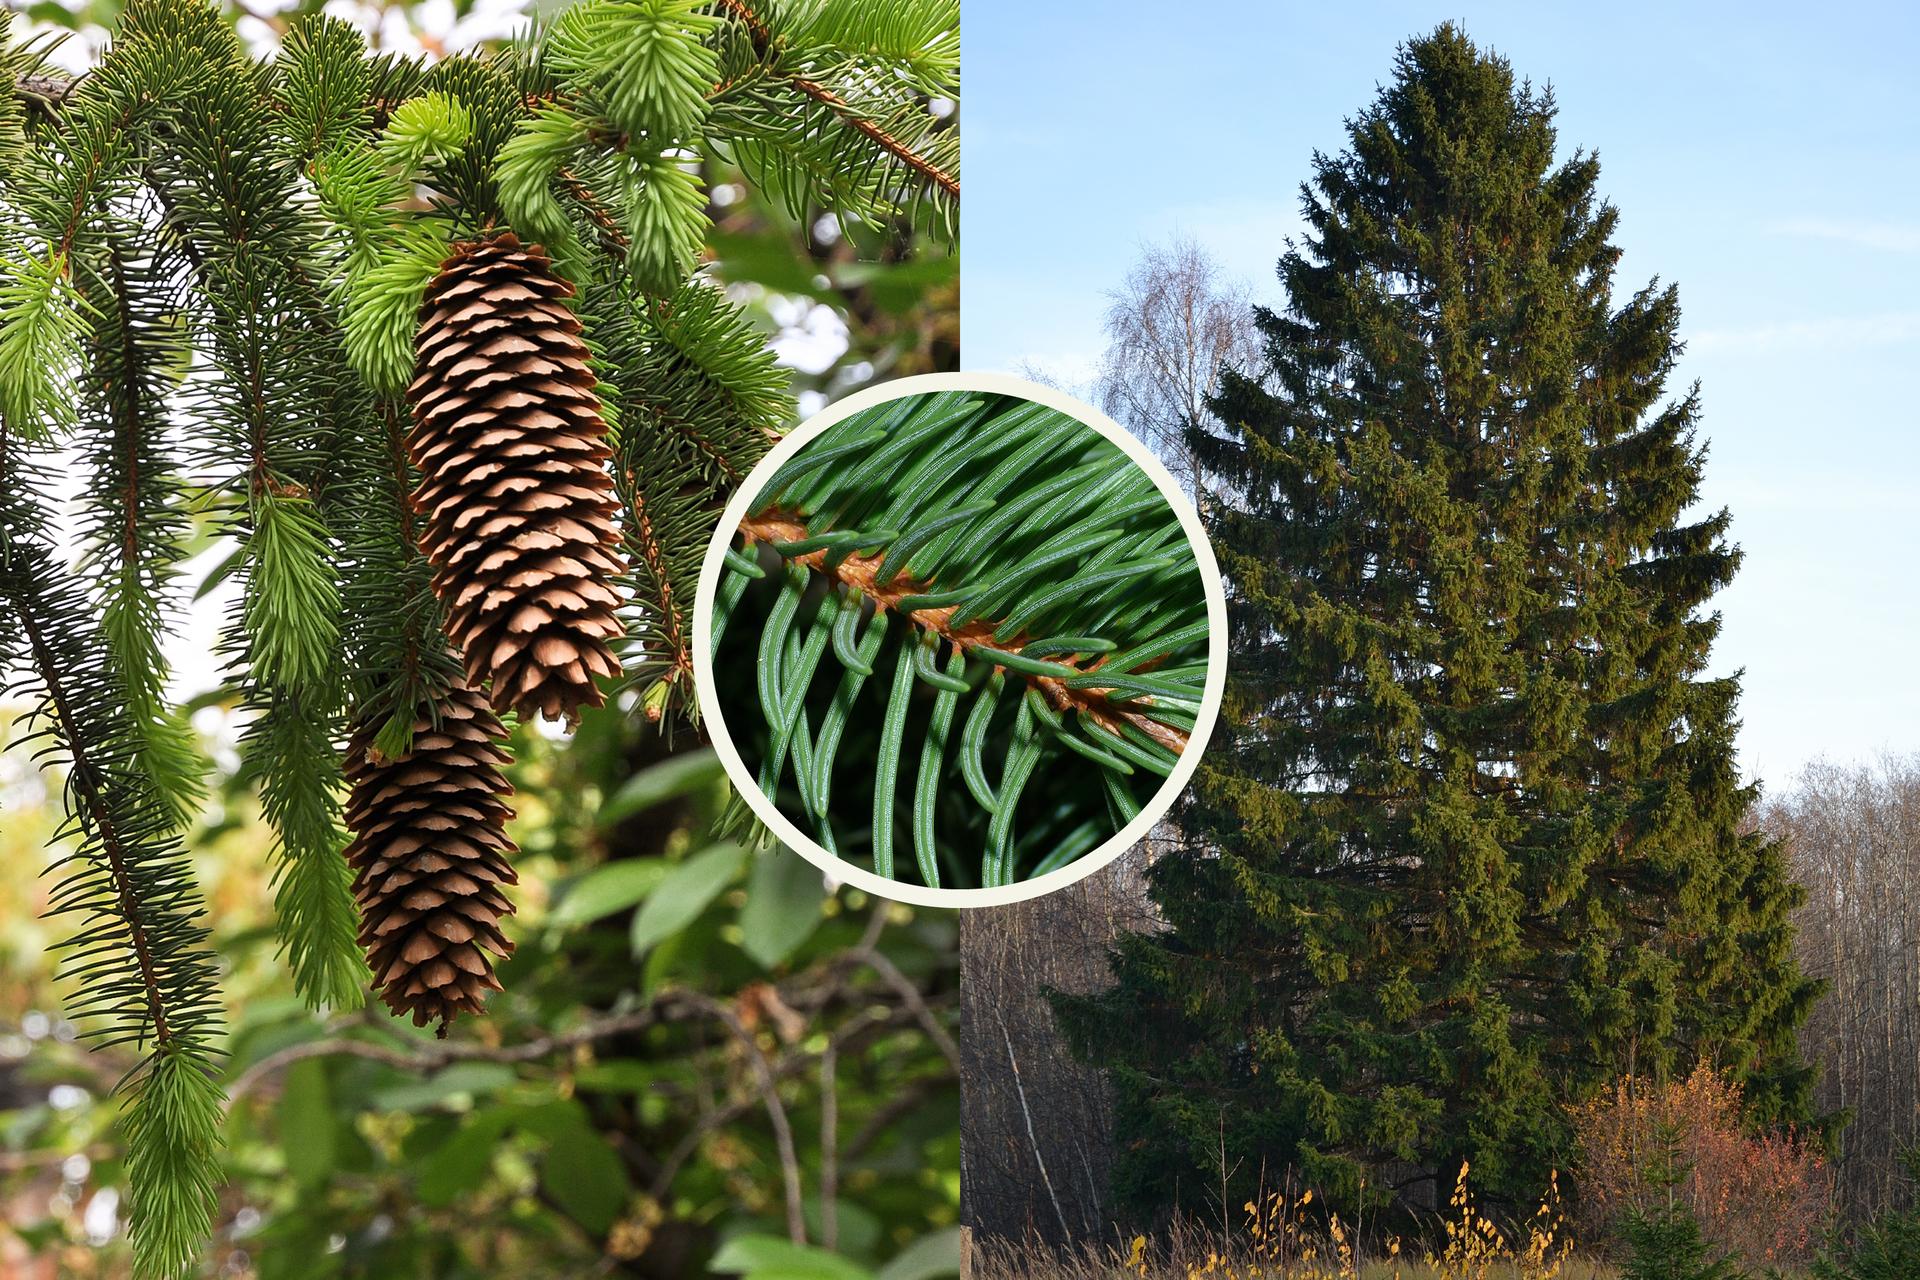 Fotografia zlewej przedstawia kilka gałęzi świerka pospolitego zpojedynczymi igłami. Zwisają zniej dwie długie, brązowe szyszki. Po prawej fotografia przedstawia pojedyncze drzewo na tle innych drzew. Kółko wcentrum przedstawia zbliżenie pędu świerka: brązowa gałązka izielone liście.